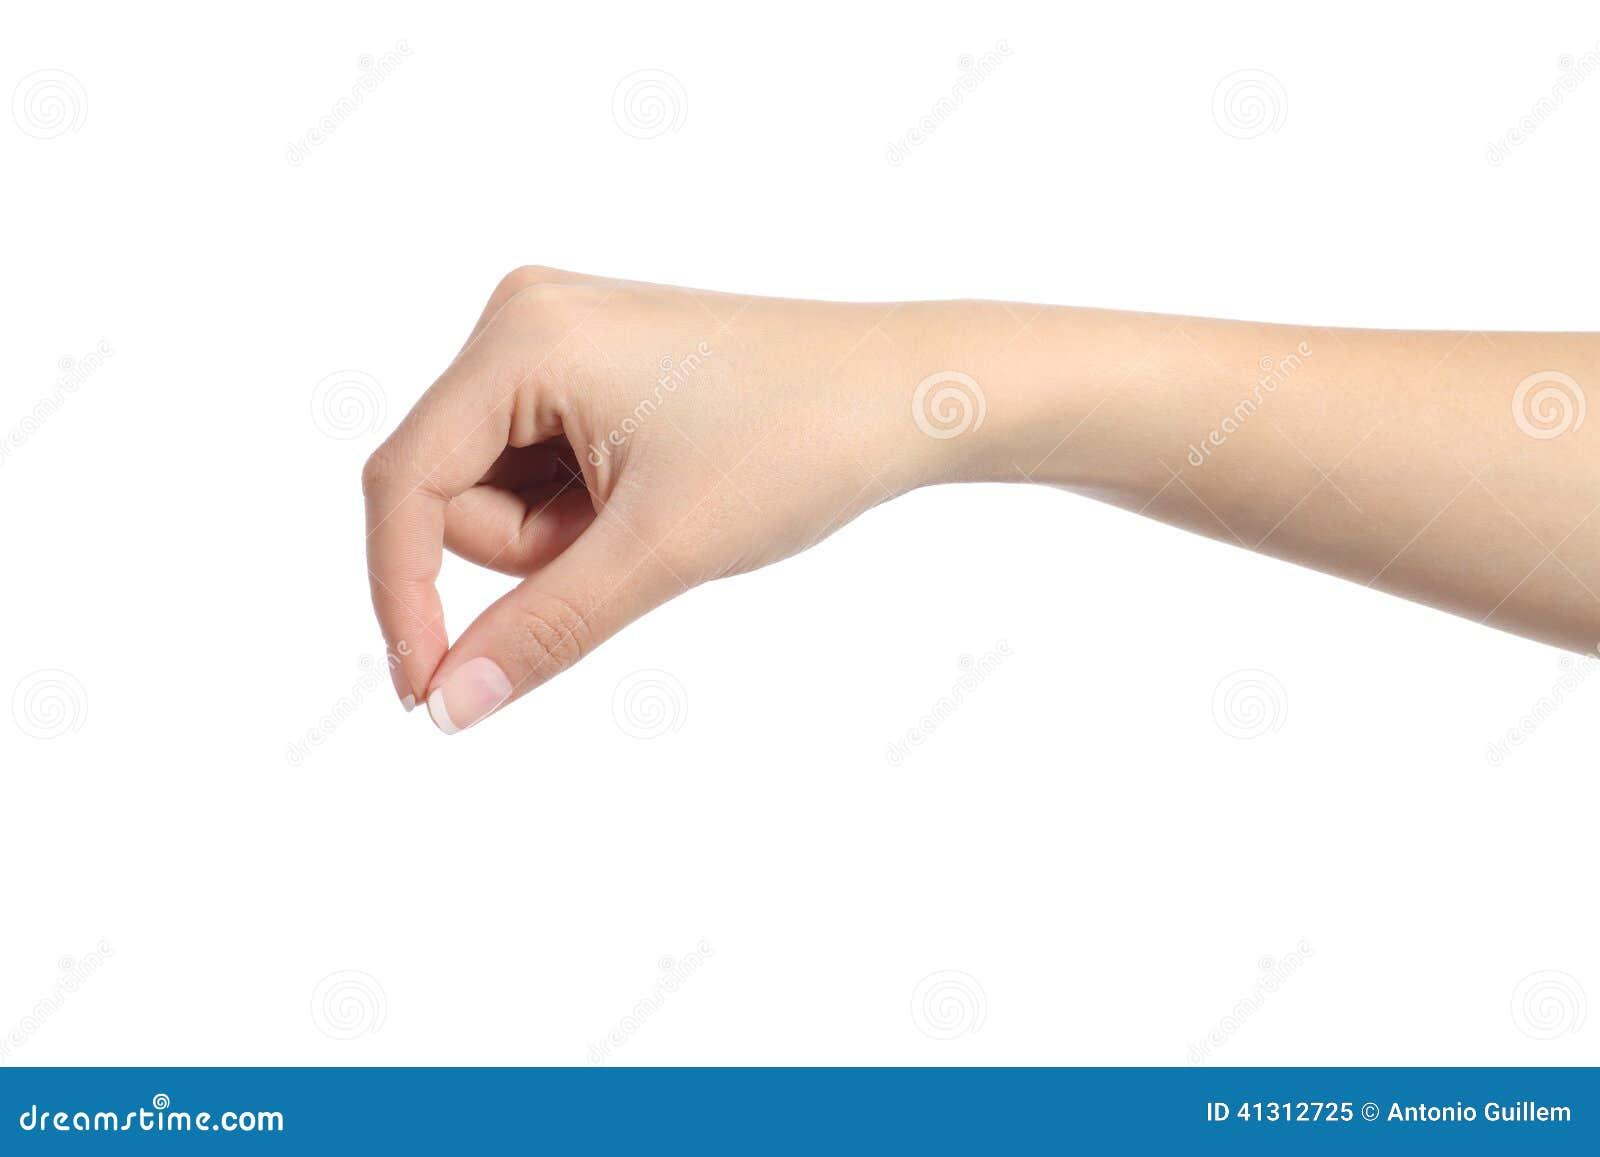 Ejecución de la mano de la mujer algo espacio en blanco